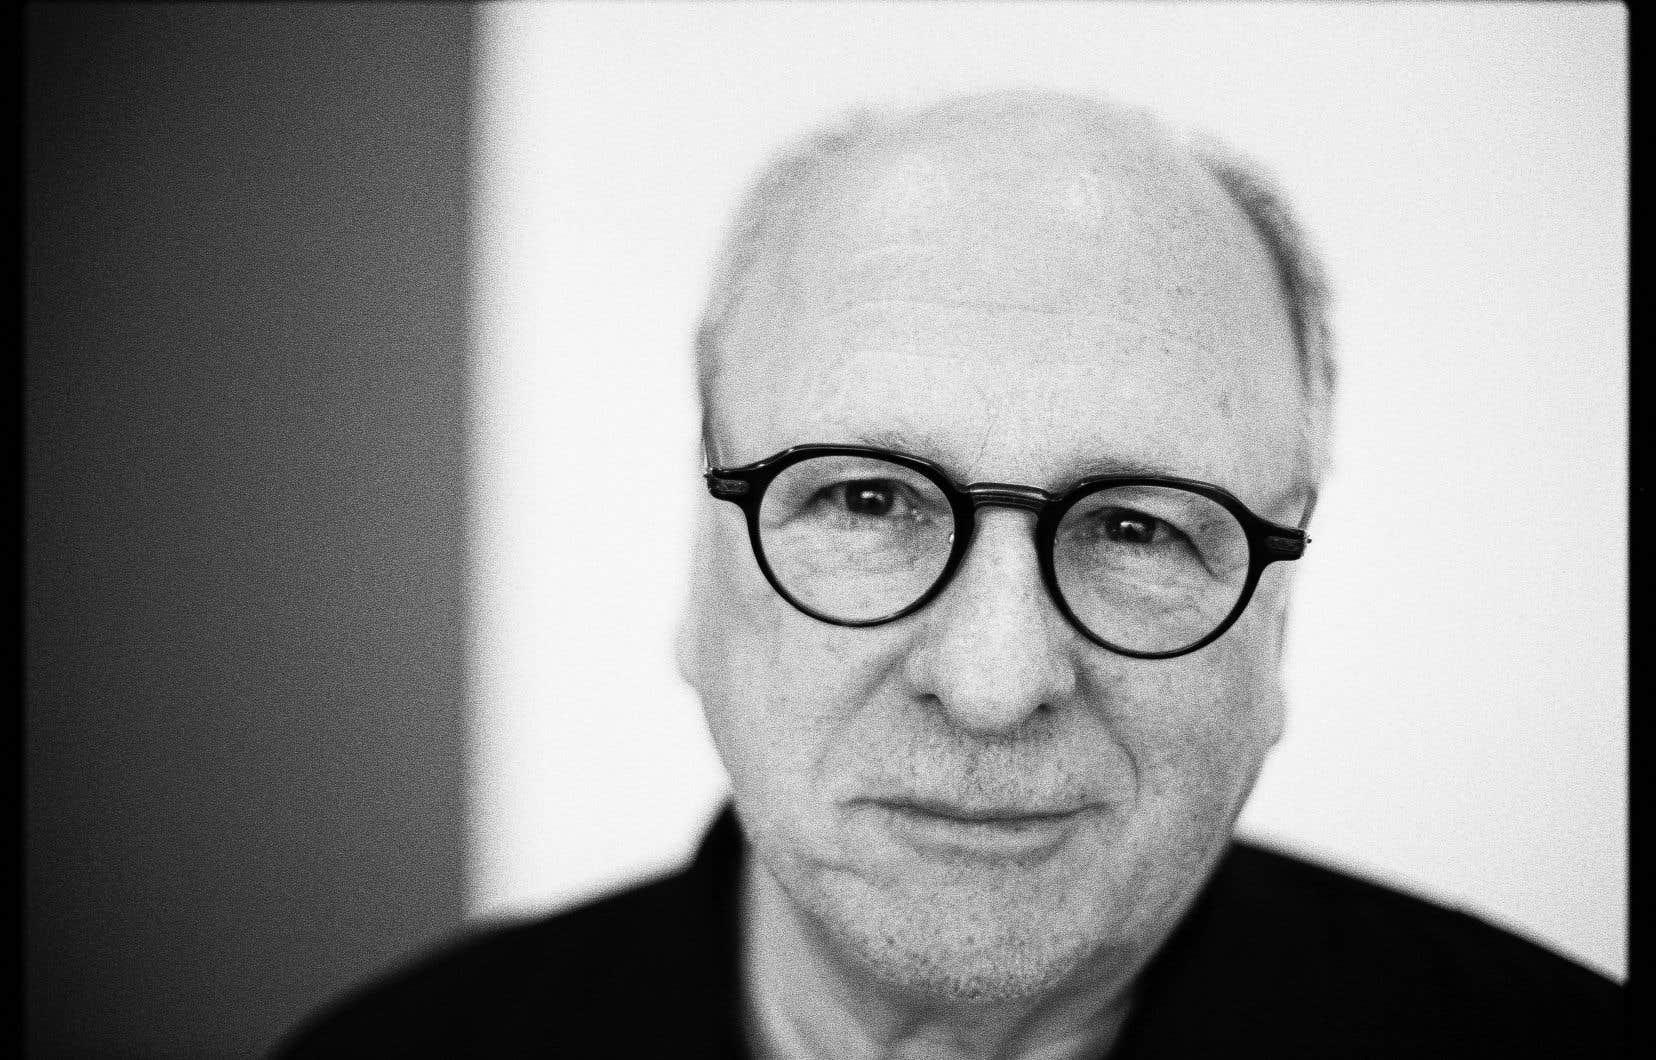 L'idée que la démocratisation du théâtre puisse passer par le Web, explique Denis Marleau, est une fumisterie propagée à l'heure de la pensée comptable.